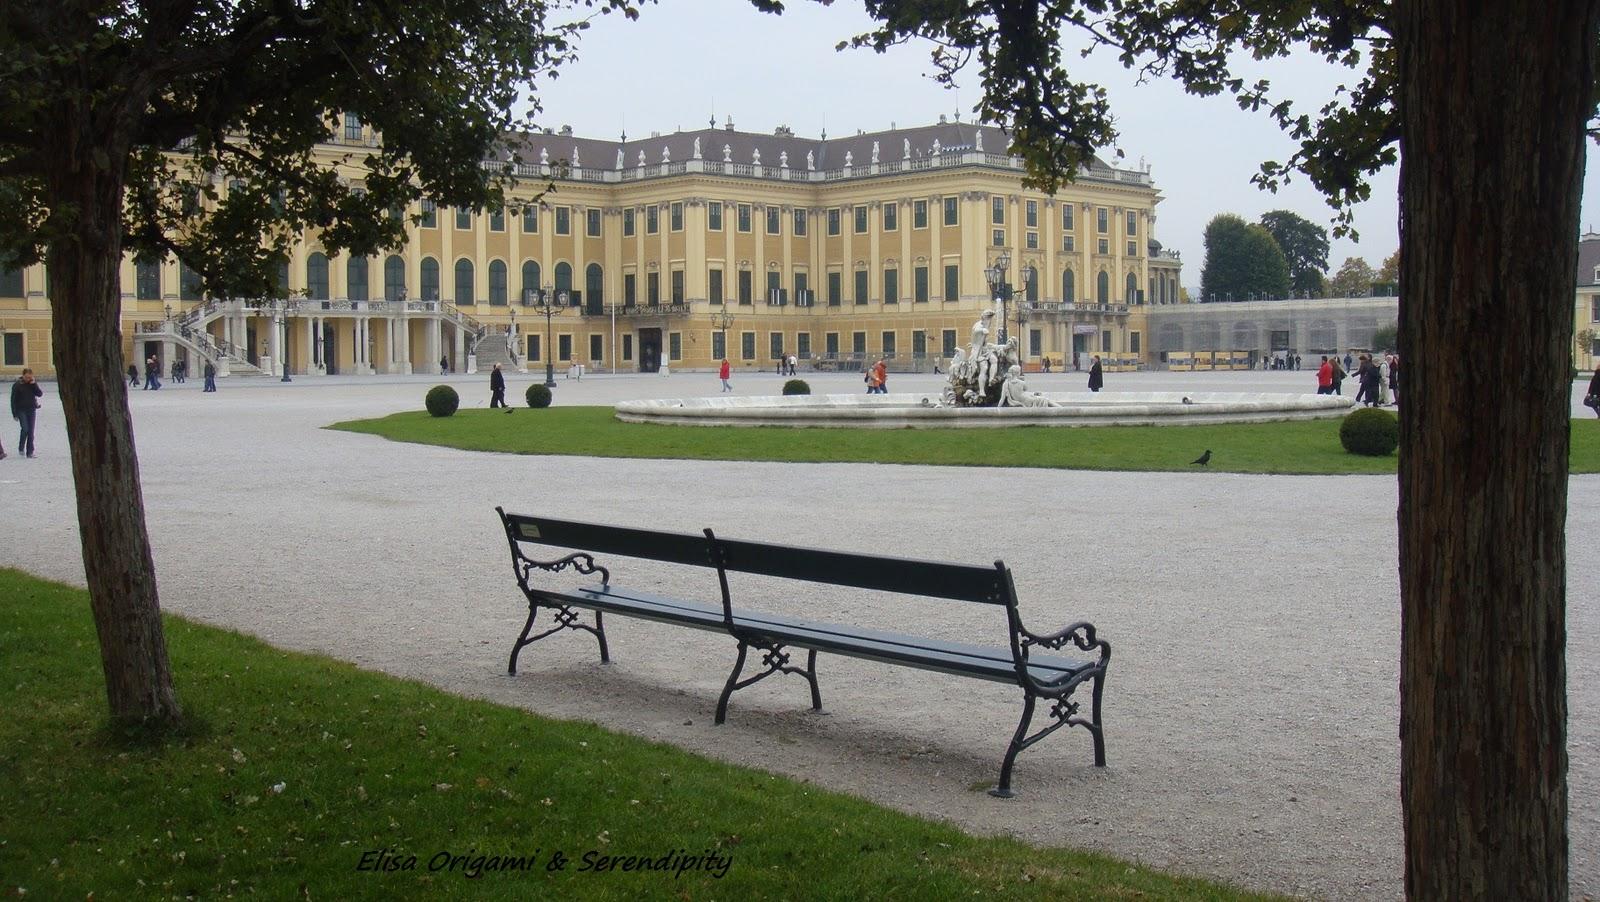 Estuve en los jardines de Schönbrunn en Viena